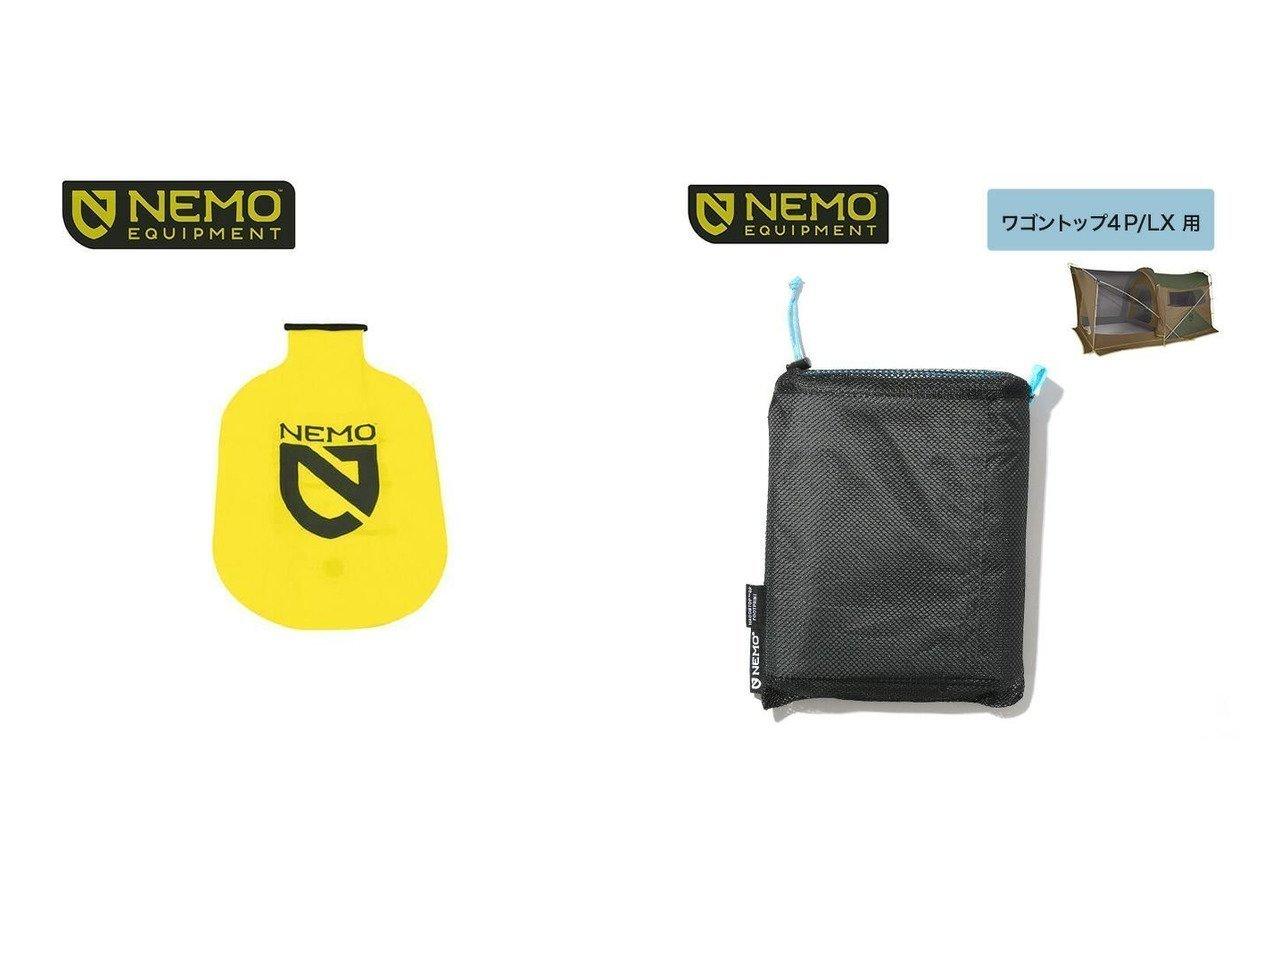 【NEMO Equipment/ニーモイクイップメント】のボルテックスパッドポンプ&ワゴントップ4P LX用フットプリント おすすめ!人気キャンプ・アウトドア用品の通販 おすすめ人気トレンドファッション通販アイテム インテリア・キッズ・メンズ・レディースファッション・服の通販 founy(ファニー)  ファッション Fashion メンズファッション MEN メッシュ |ID:crp329100000037440